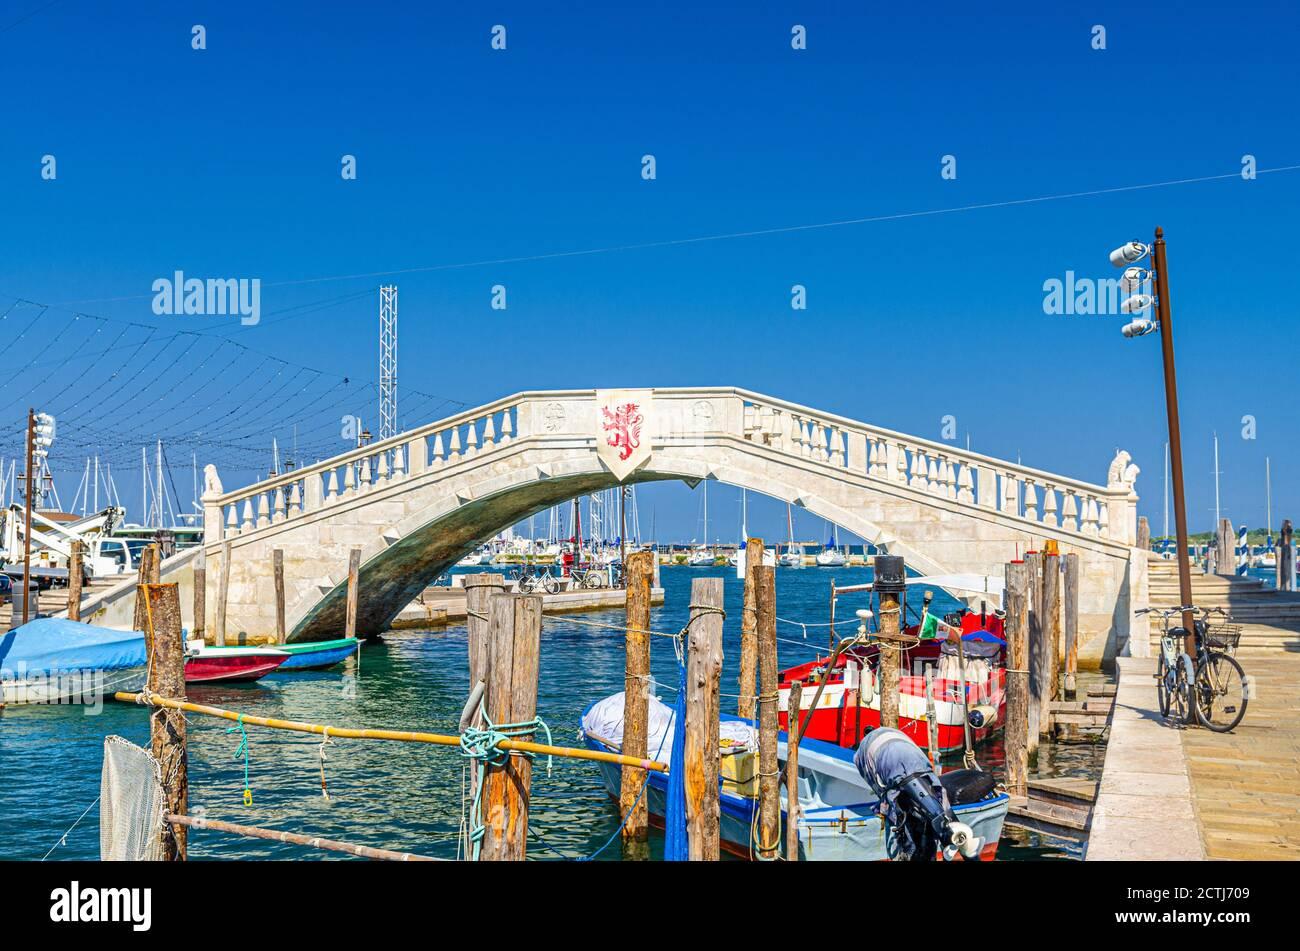 Puente de piedra Ponte di Vigo a través del canal de agua vena con coloridos barcos cerca del terraplén del muelle en el centro histórico de la ciudad de Chioggia, cielo azul de fondo en el día de verano, Región Veneto, Norte de Italia Foto de stock